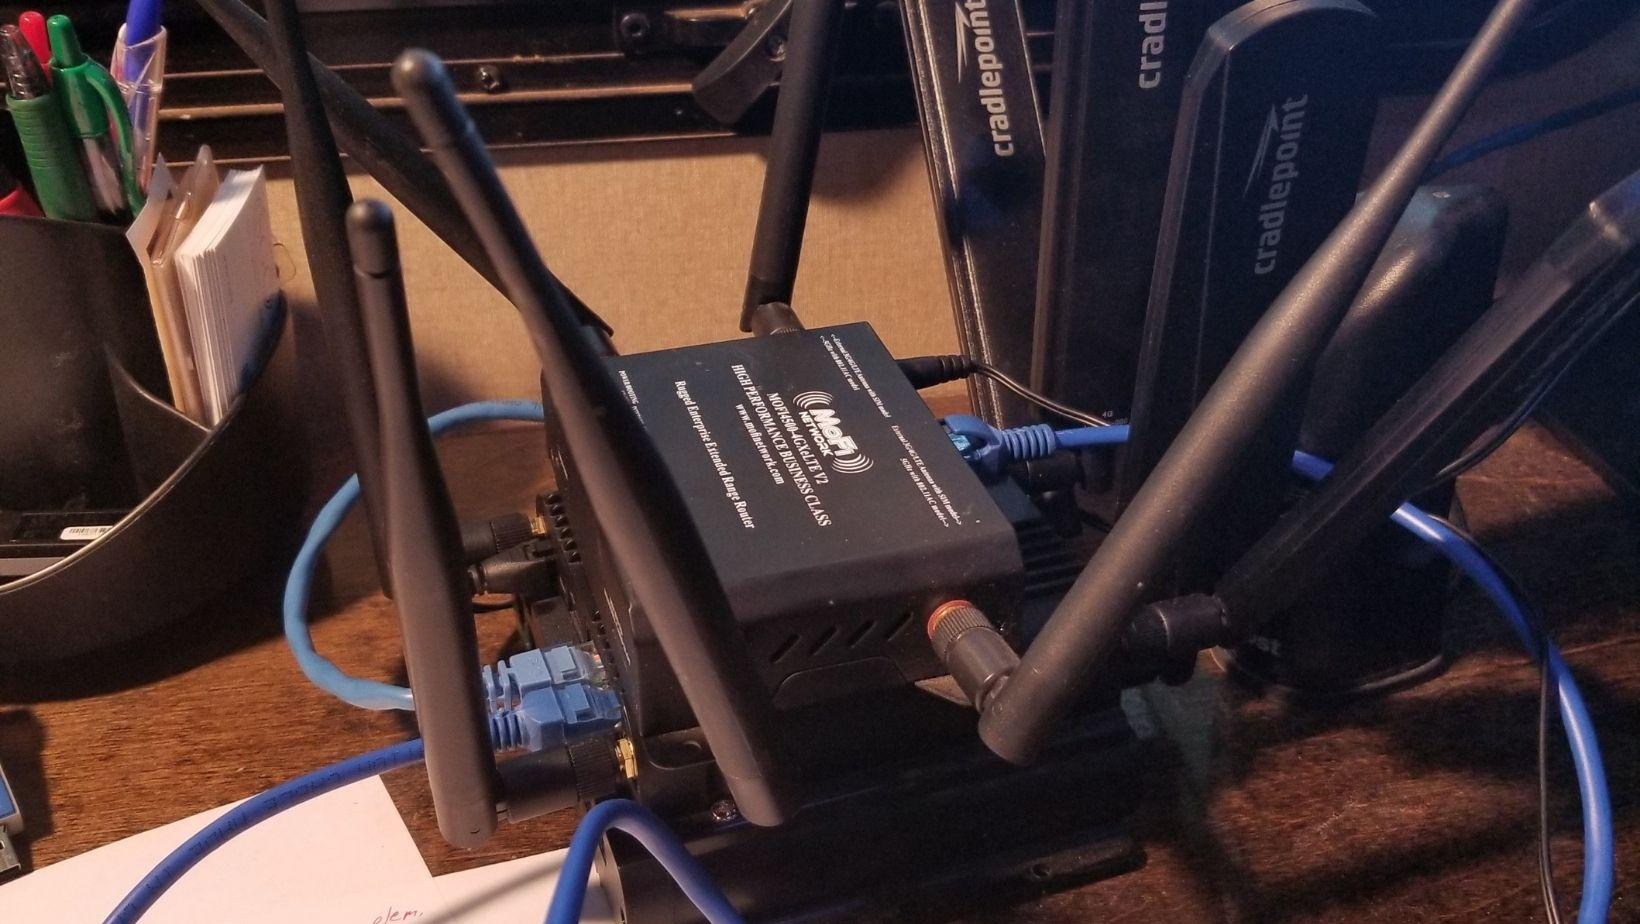 Aftermarket cellular antenna for internet for beginner RVer